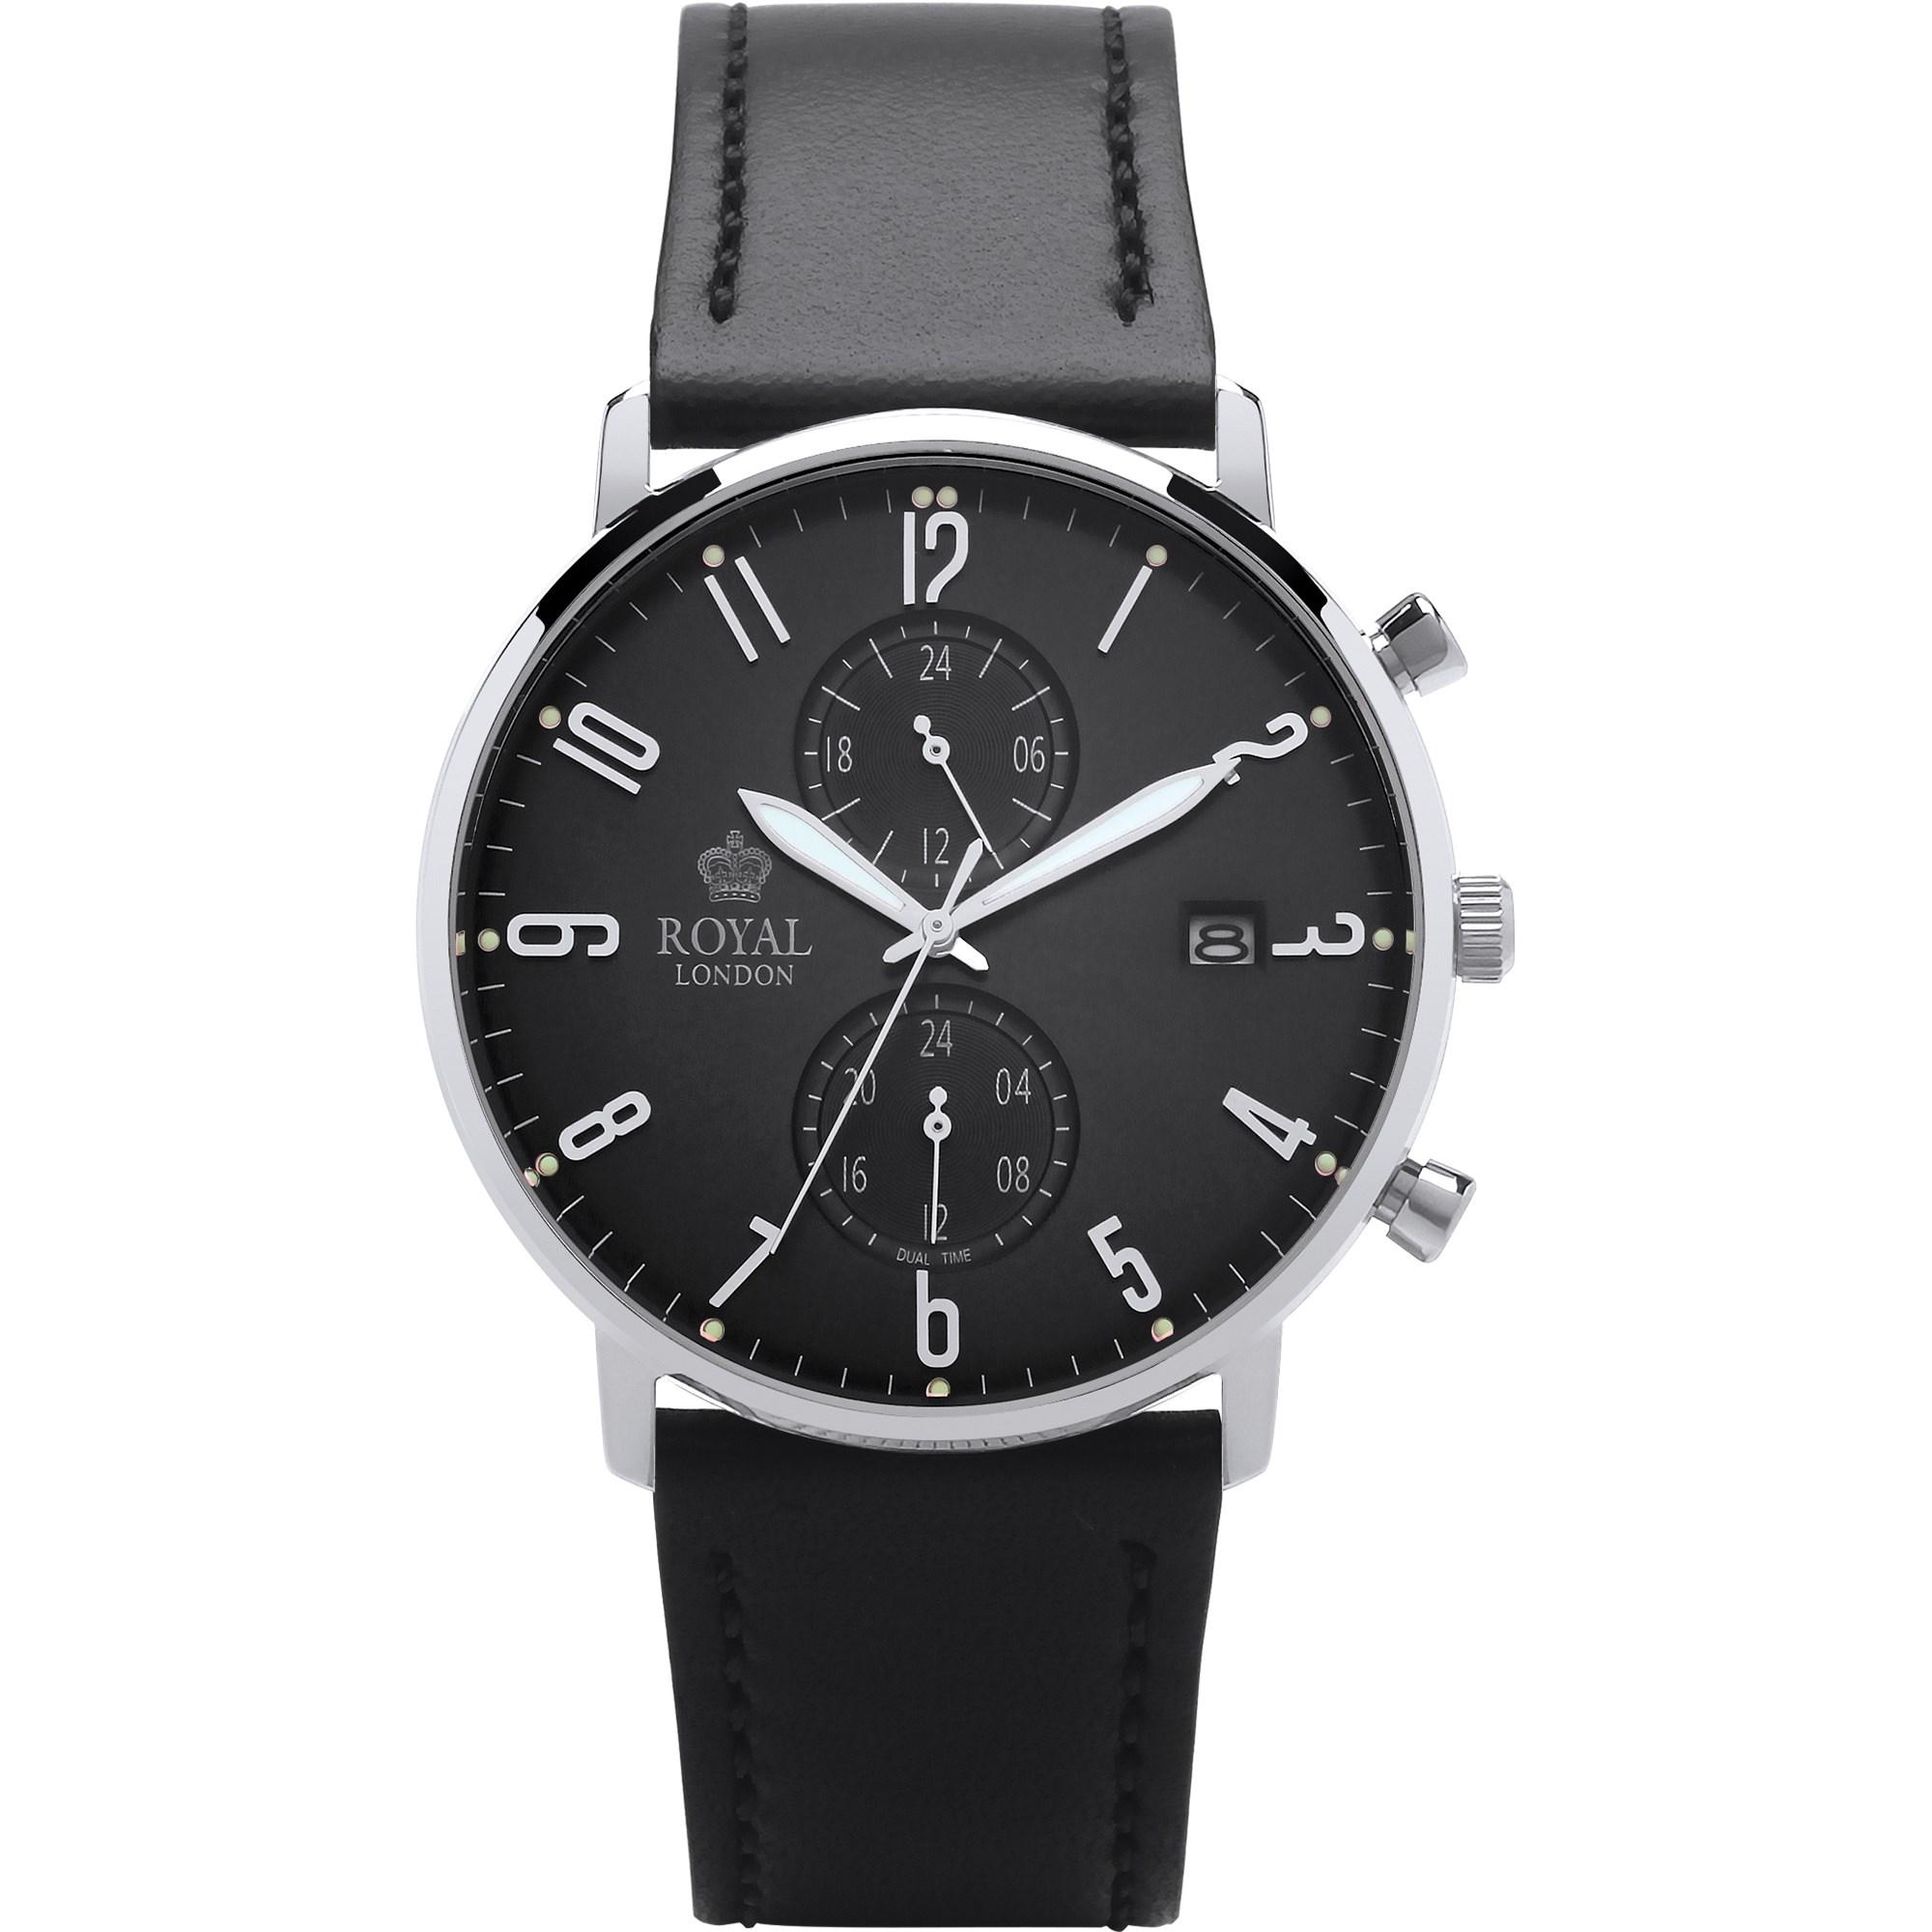 ساعت مچی عقربه ای مردانه رویال لندن مدل RL-41352-02 41